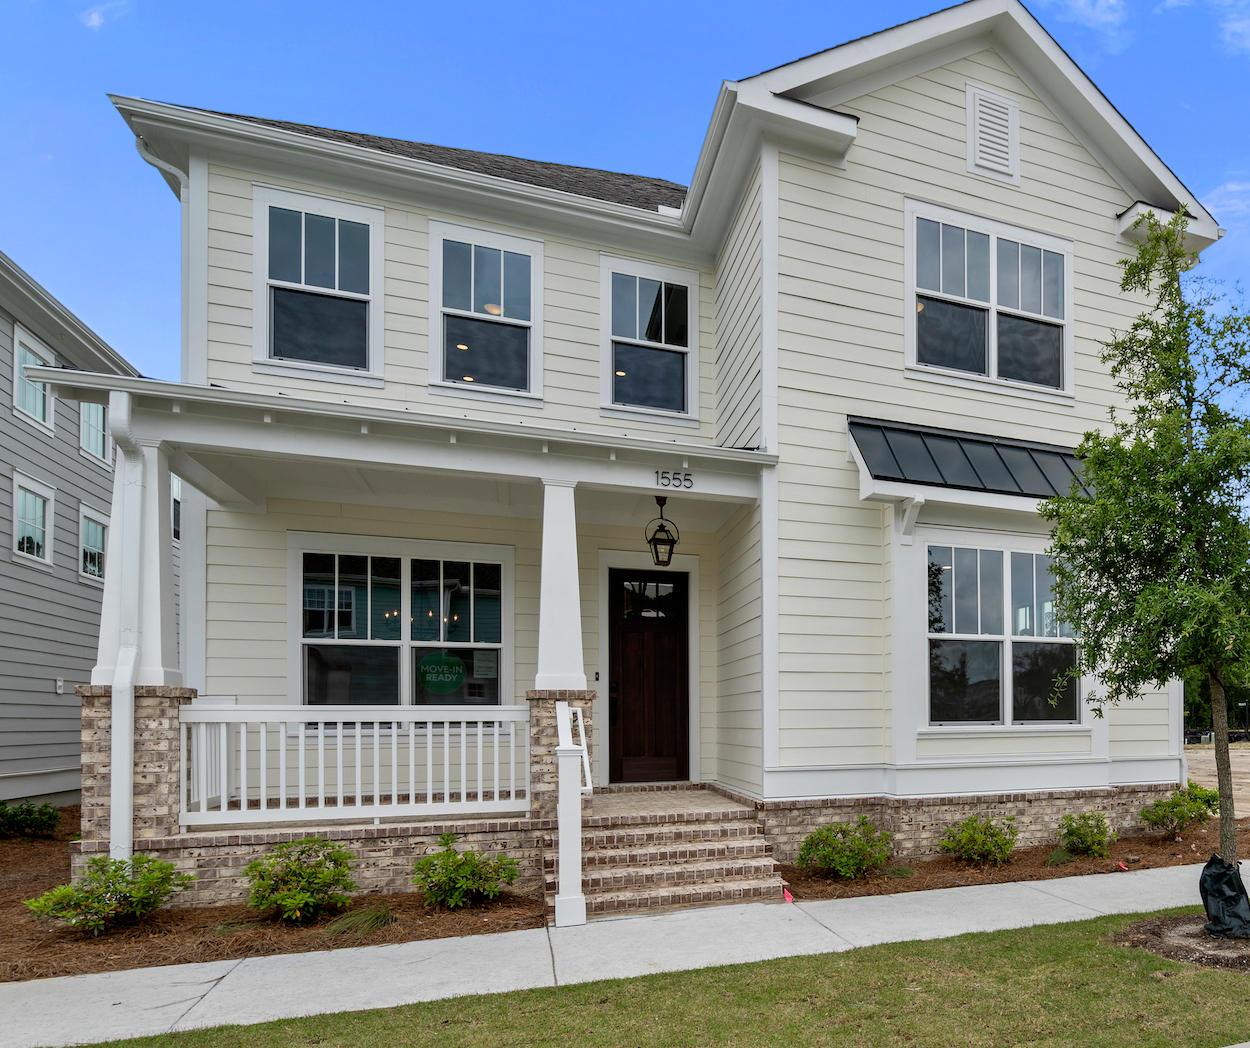 Midtown Homes For Sale - 1527 Low Park, Mount Pleasant, SC - 23